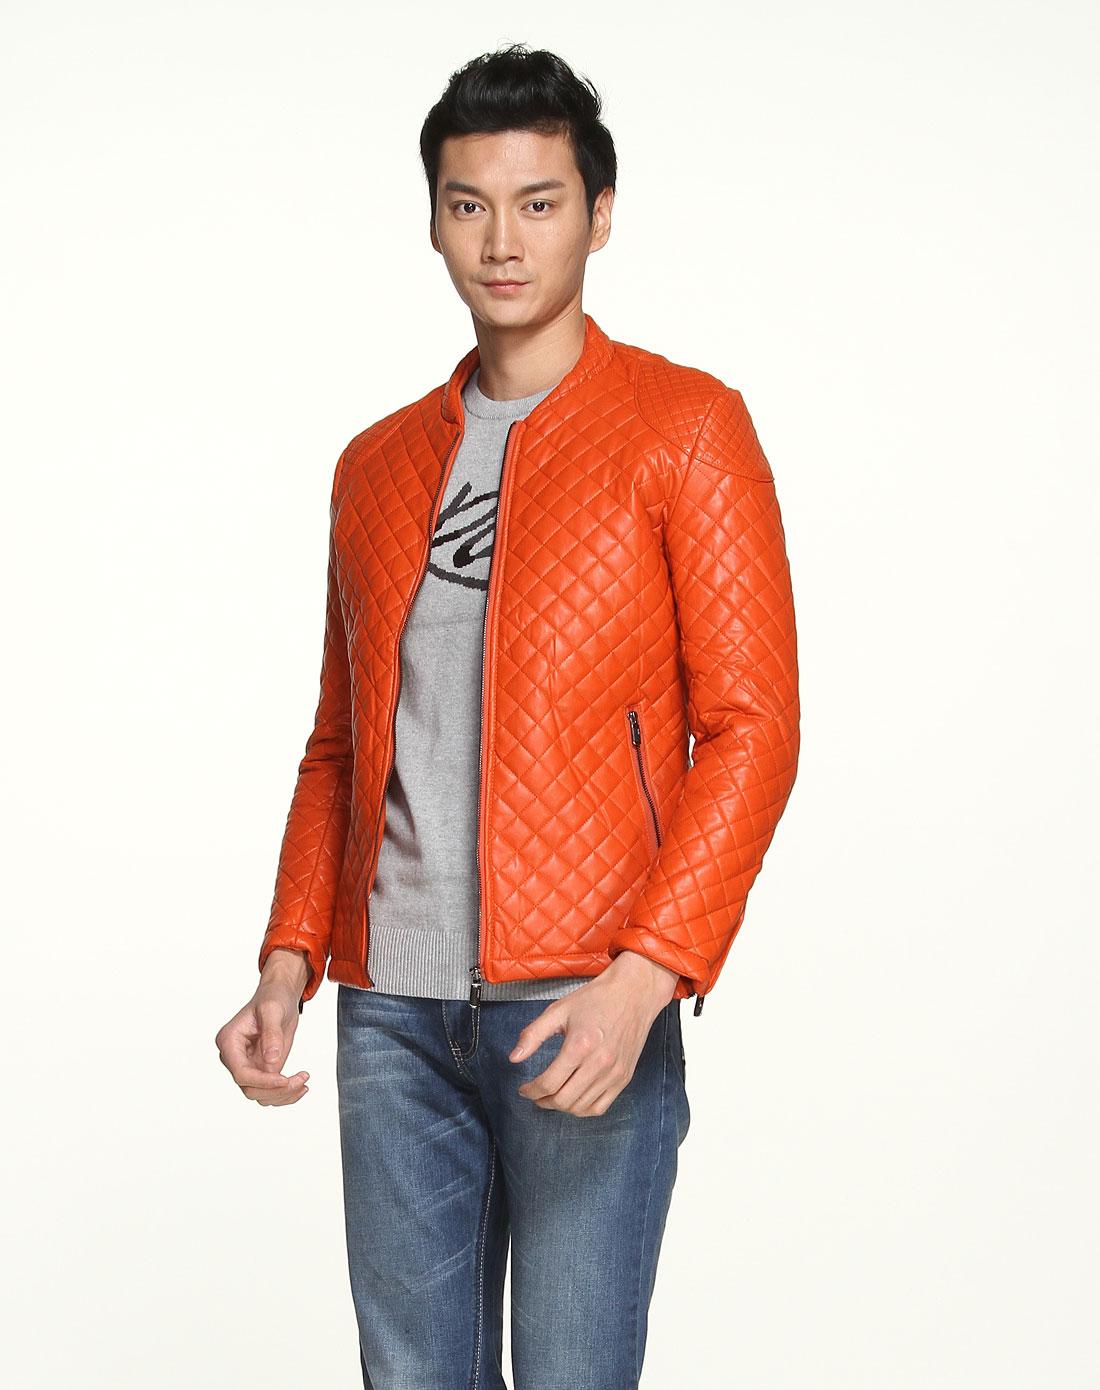 男款橘色时尚菱形格纹保暖长袖棉衣